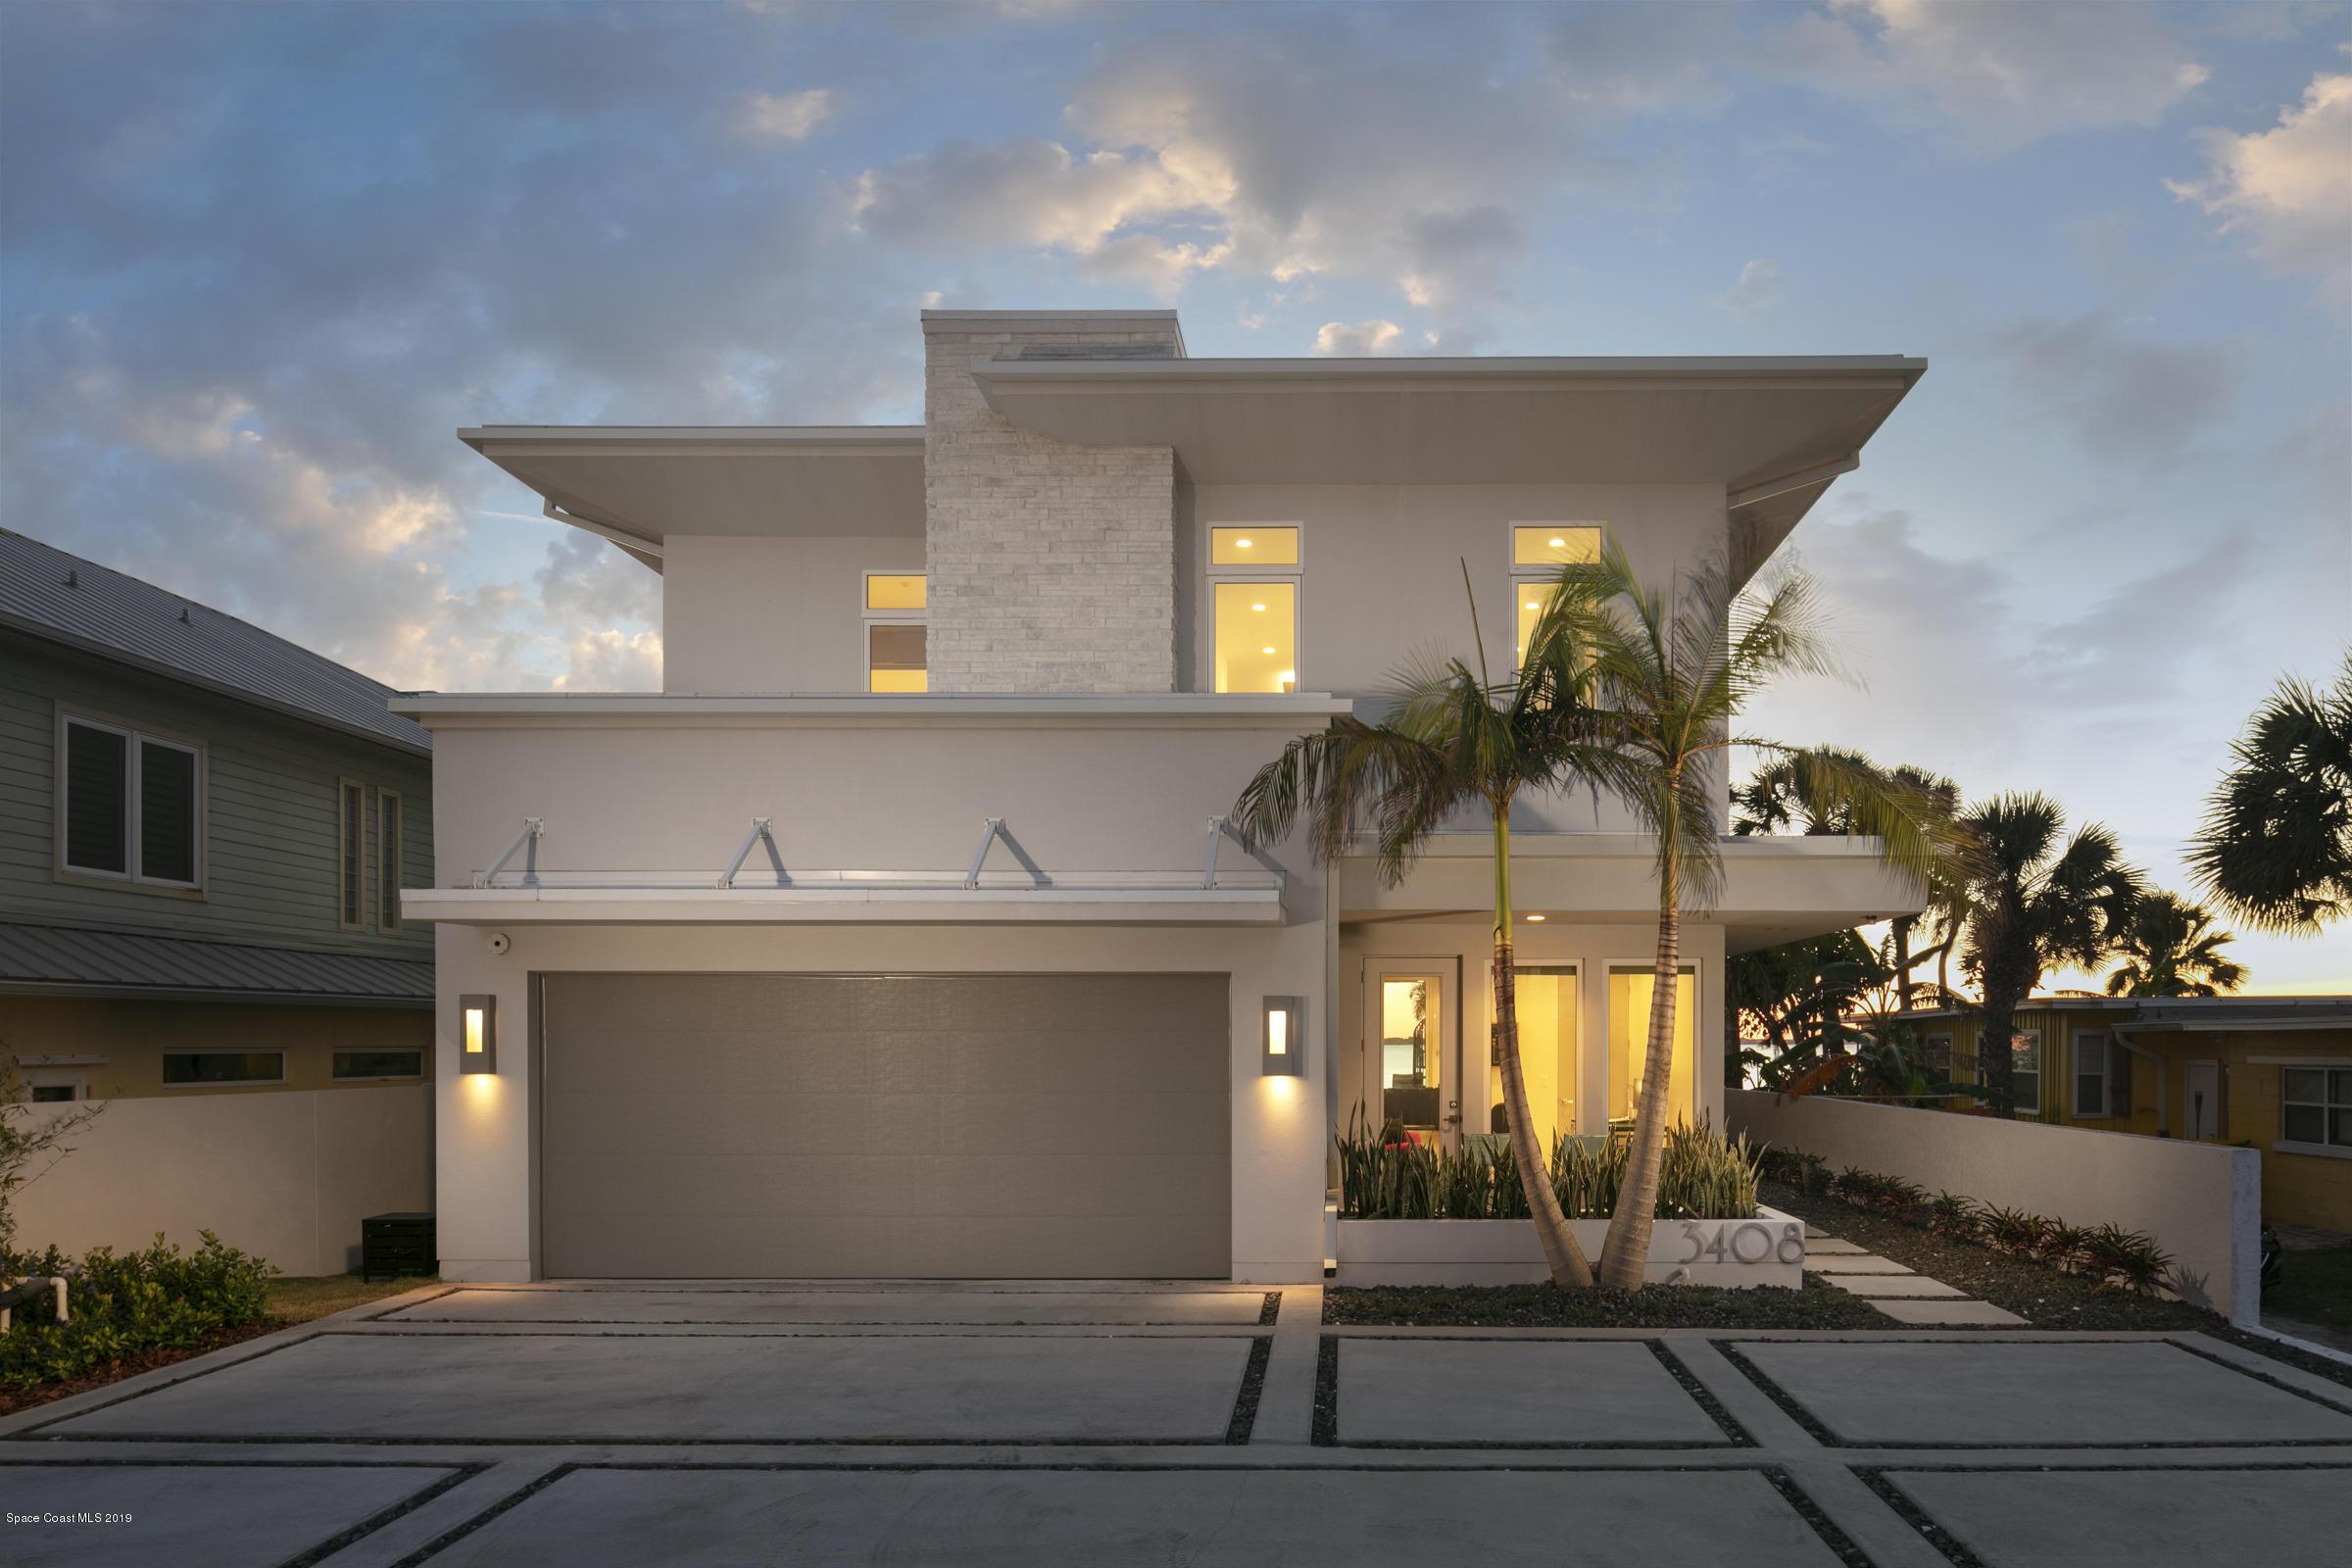 Μονοκατοικία για την Πώληση στο 3408 S Atlantic Cocoa Beach, Φλοριντα 32931 Ηνωμένες Πολιτείες